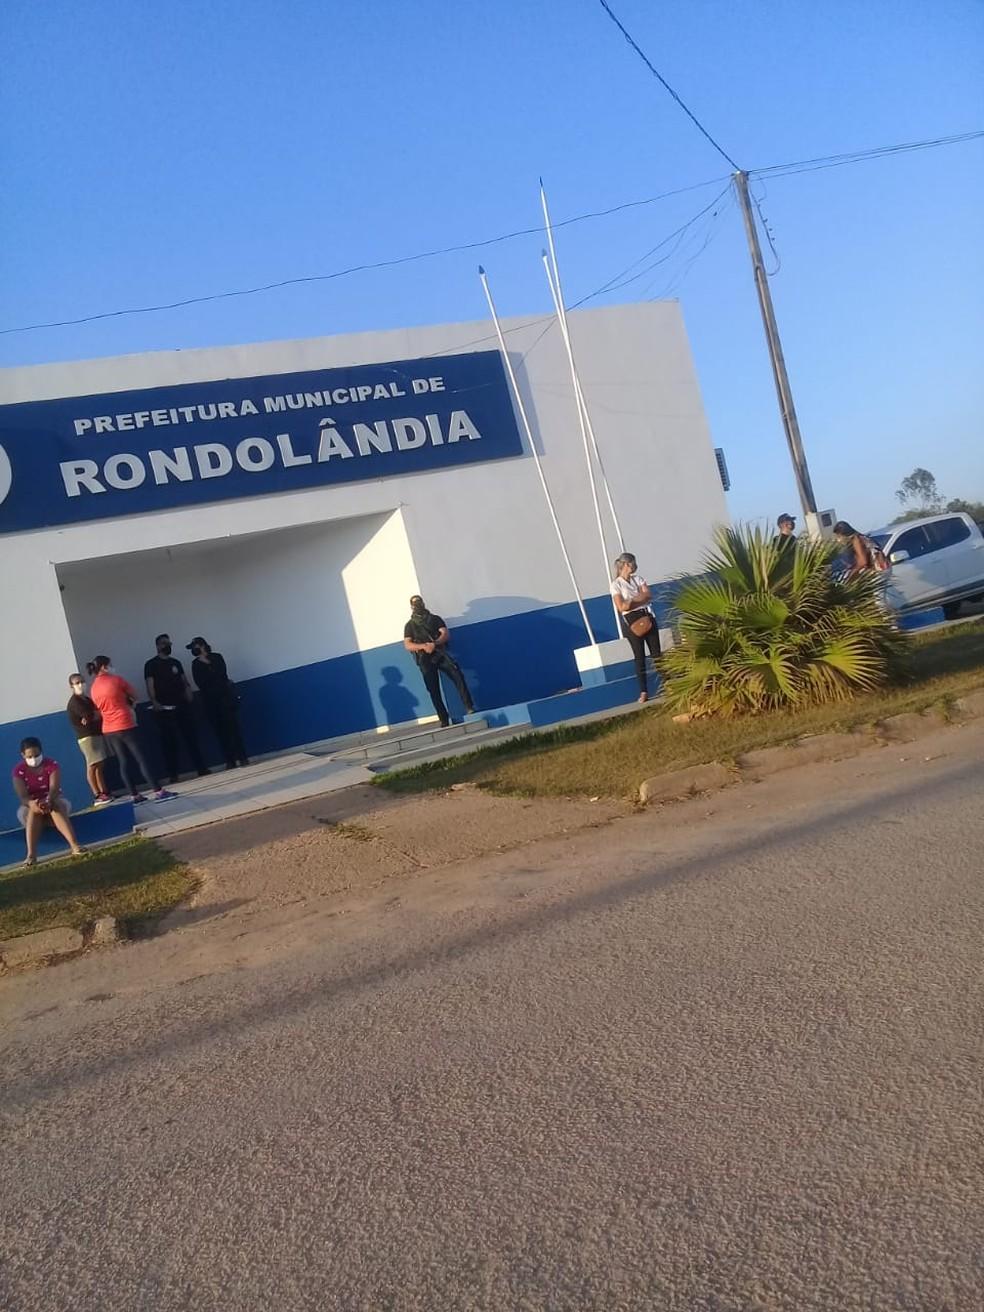 O prefeito e a ex-secretária de saúde de Rondolândia, a 1.600 km de Cuiabá, e um empresário são alvos de uma operação — Foto: Divulgação